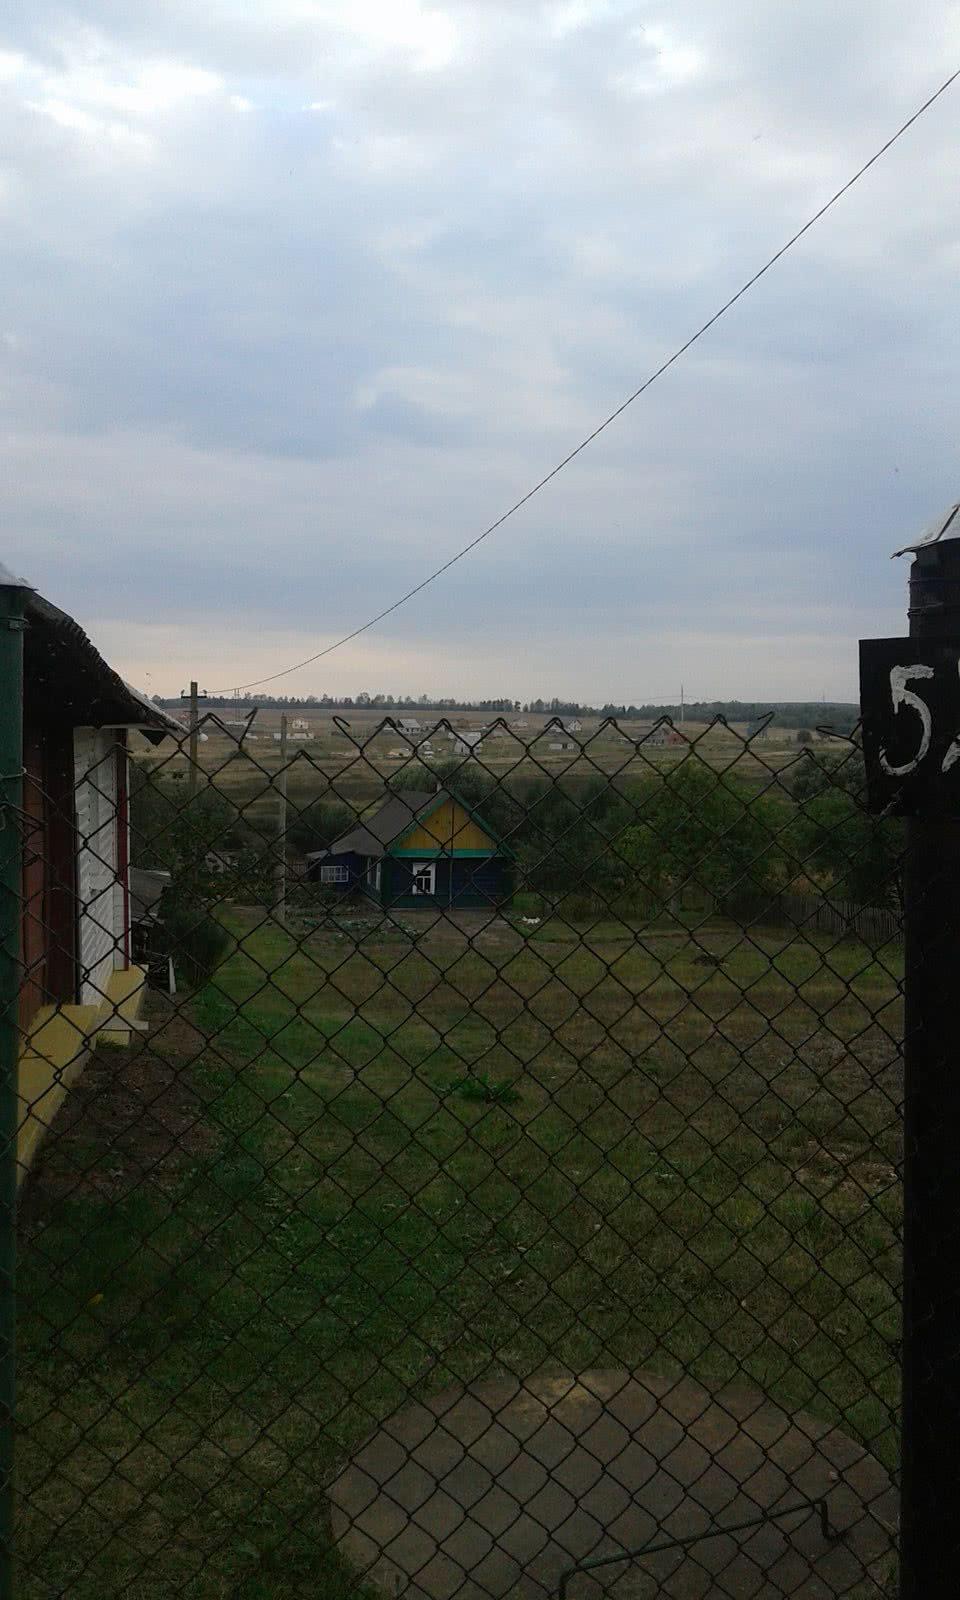 Продажа 1-этажного коттеджа в д. Синило, ул. Центральная, д. 52, Минская область - фото 3